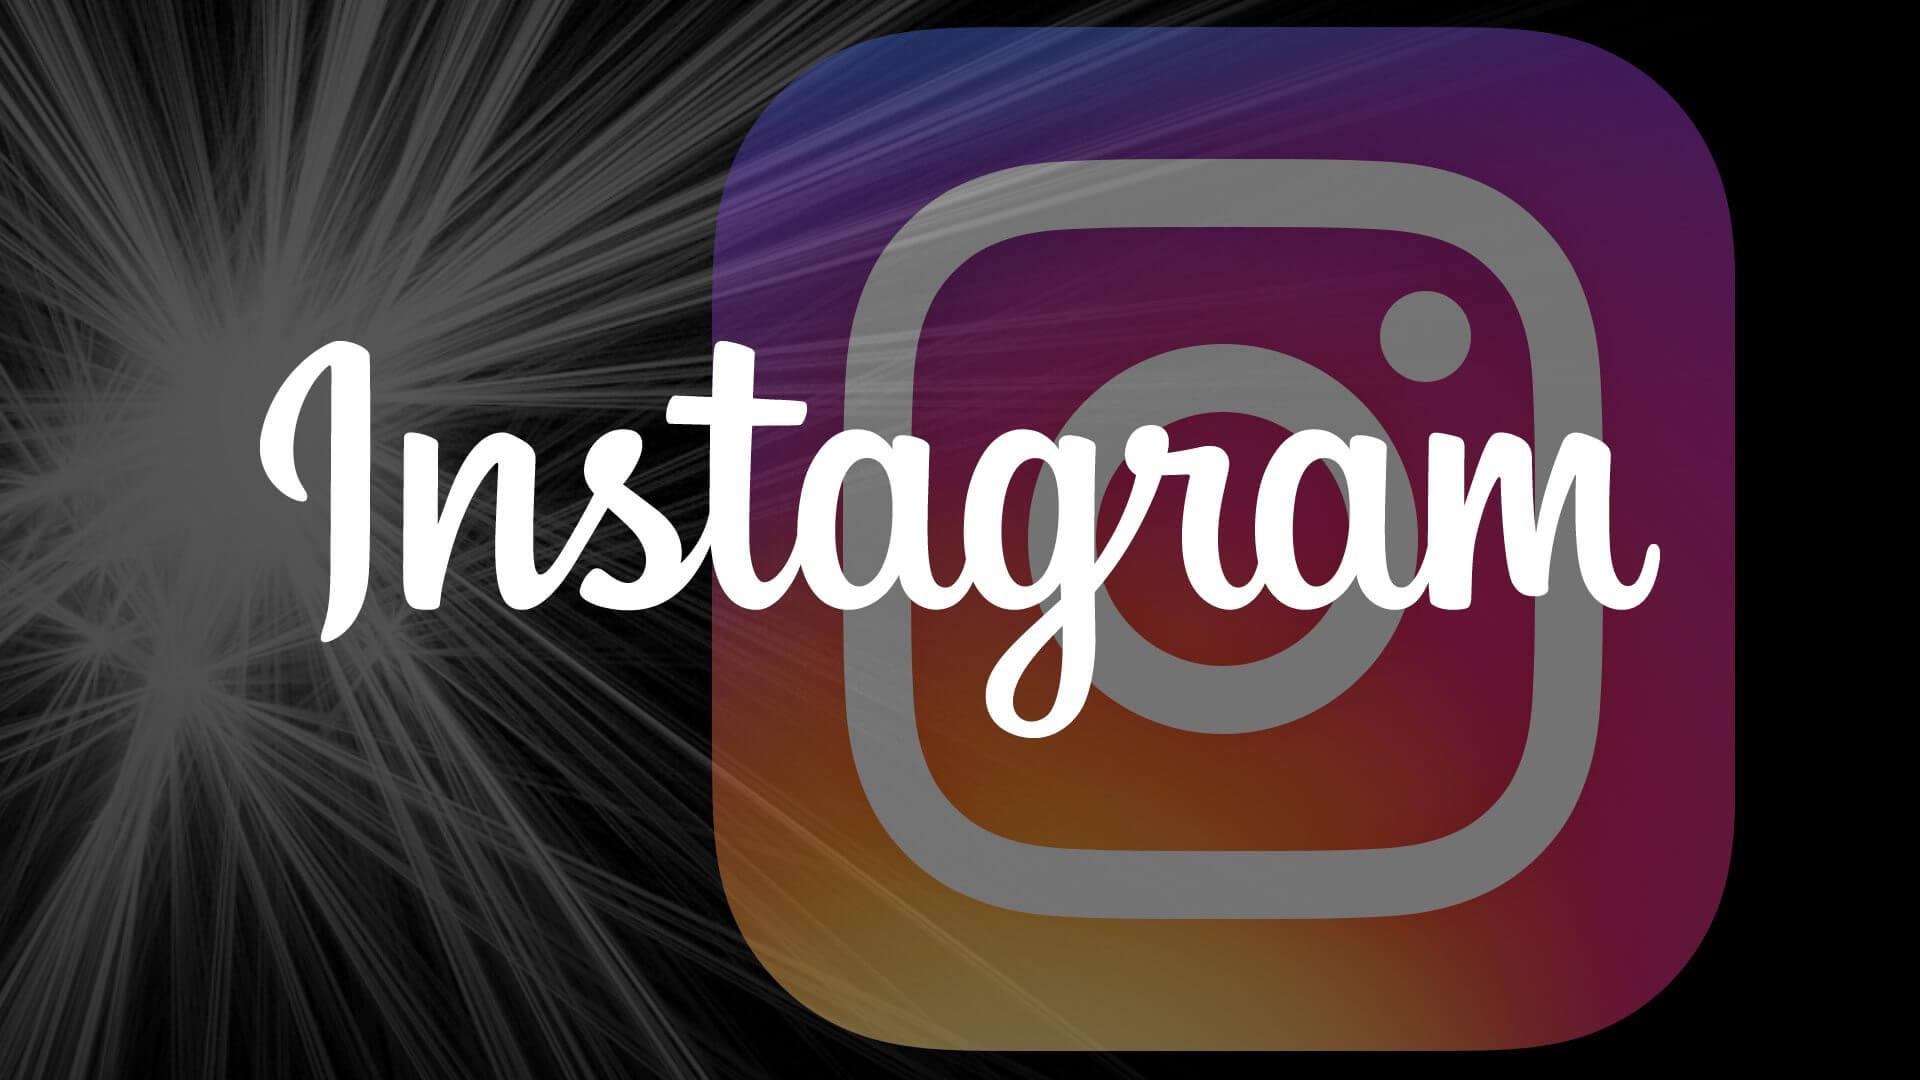 smt InstagramGrow capa - Instagram supera 500 milhões de usuários mensais